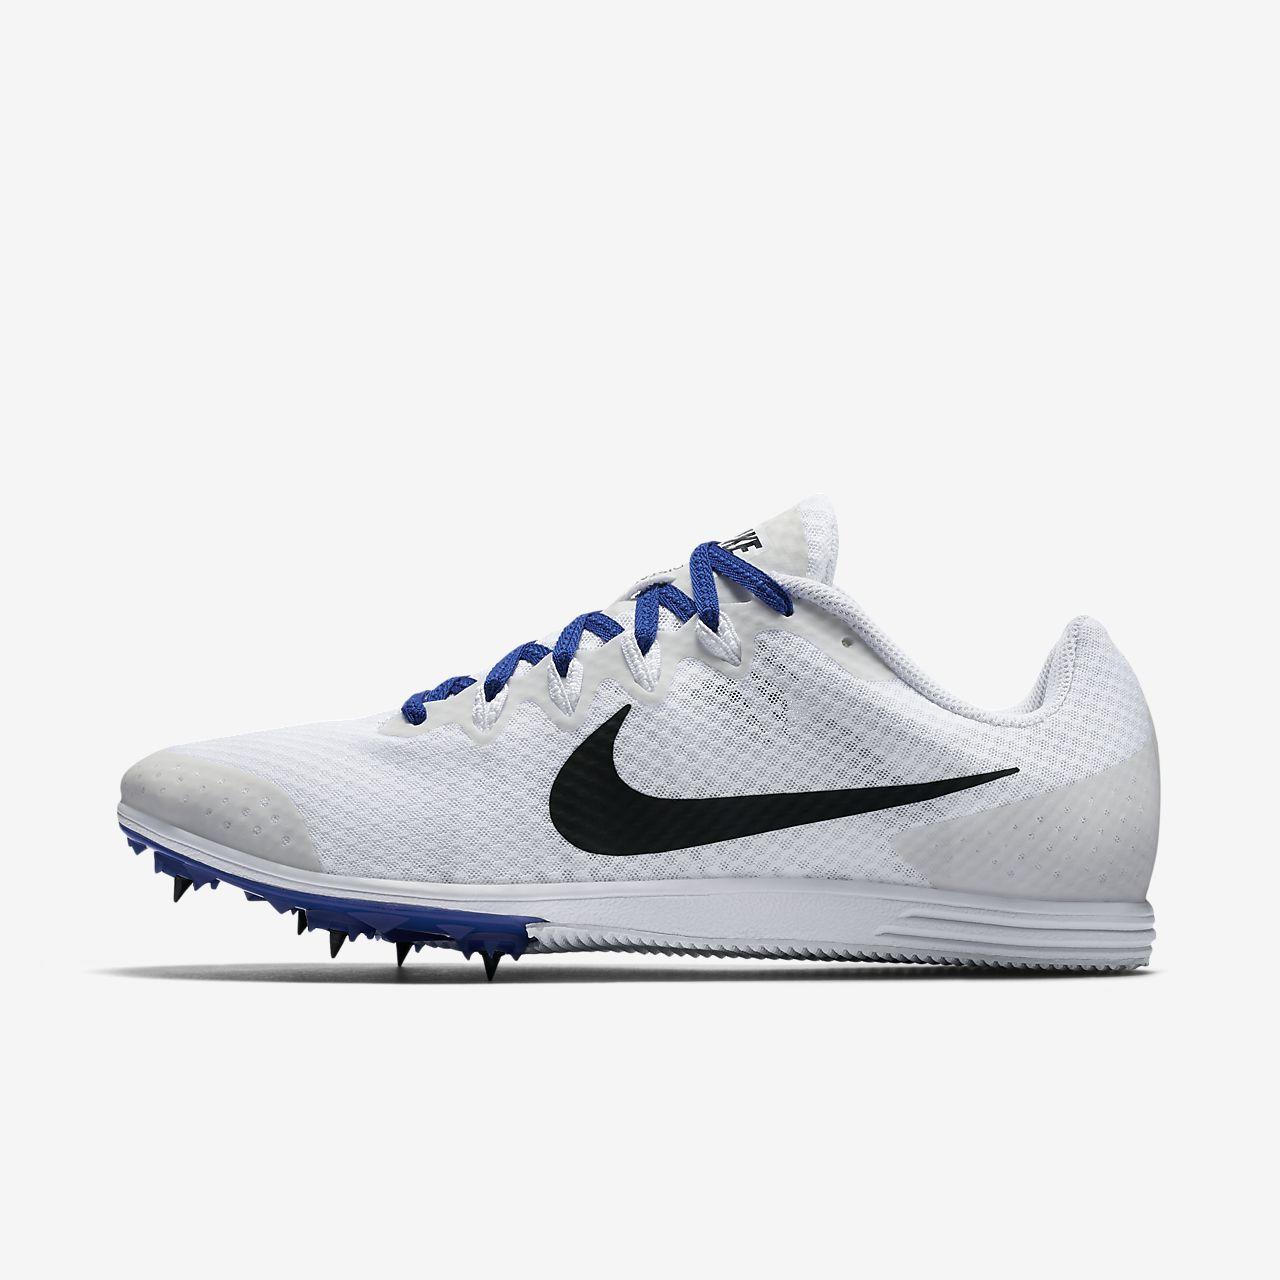 ... Scarpa chiodata per corse sulla distanza Nike Zoom Rival D 9- Unisex